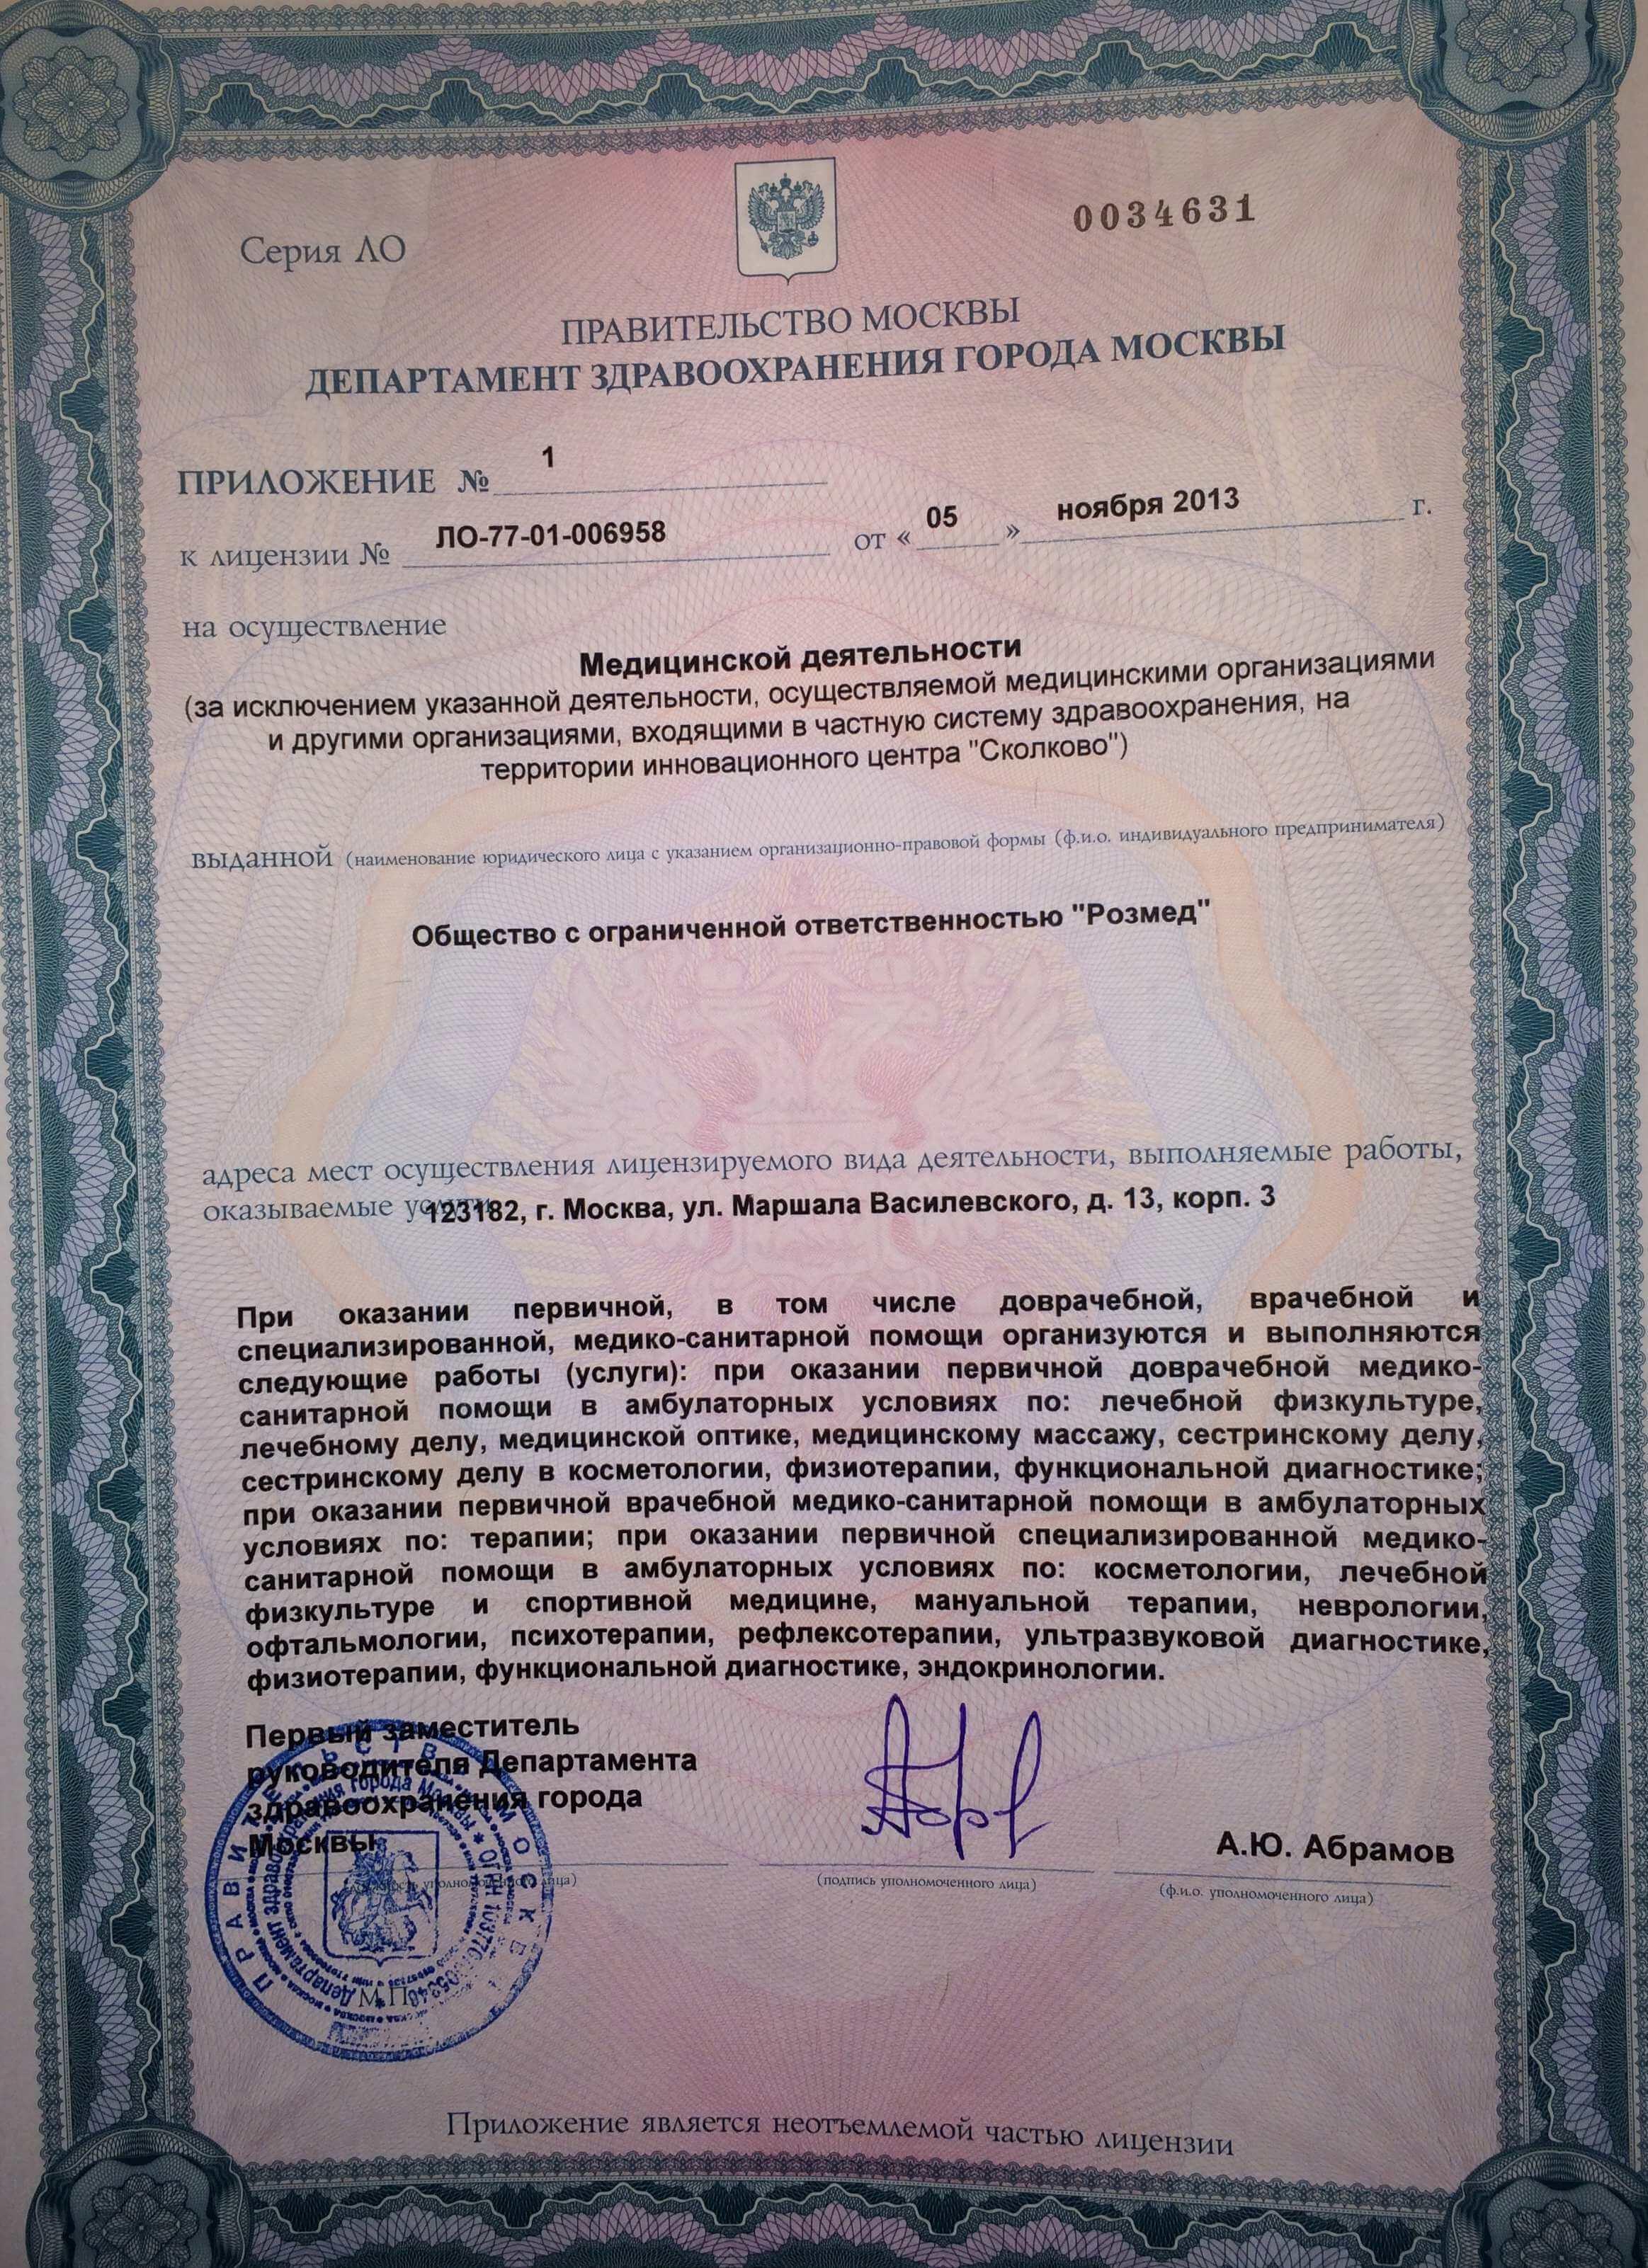 Лицензия на медицинскую деятельность